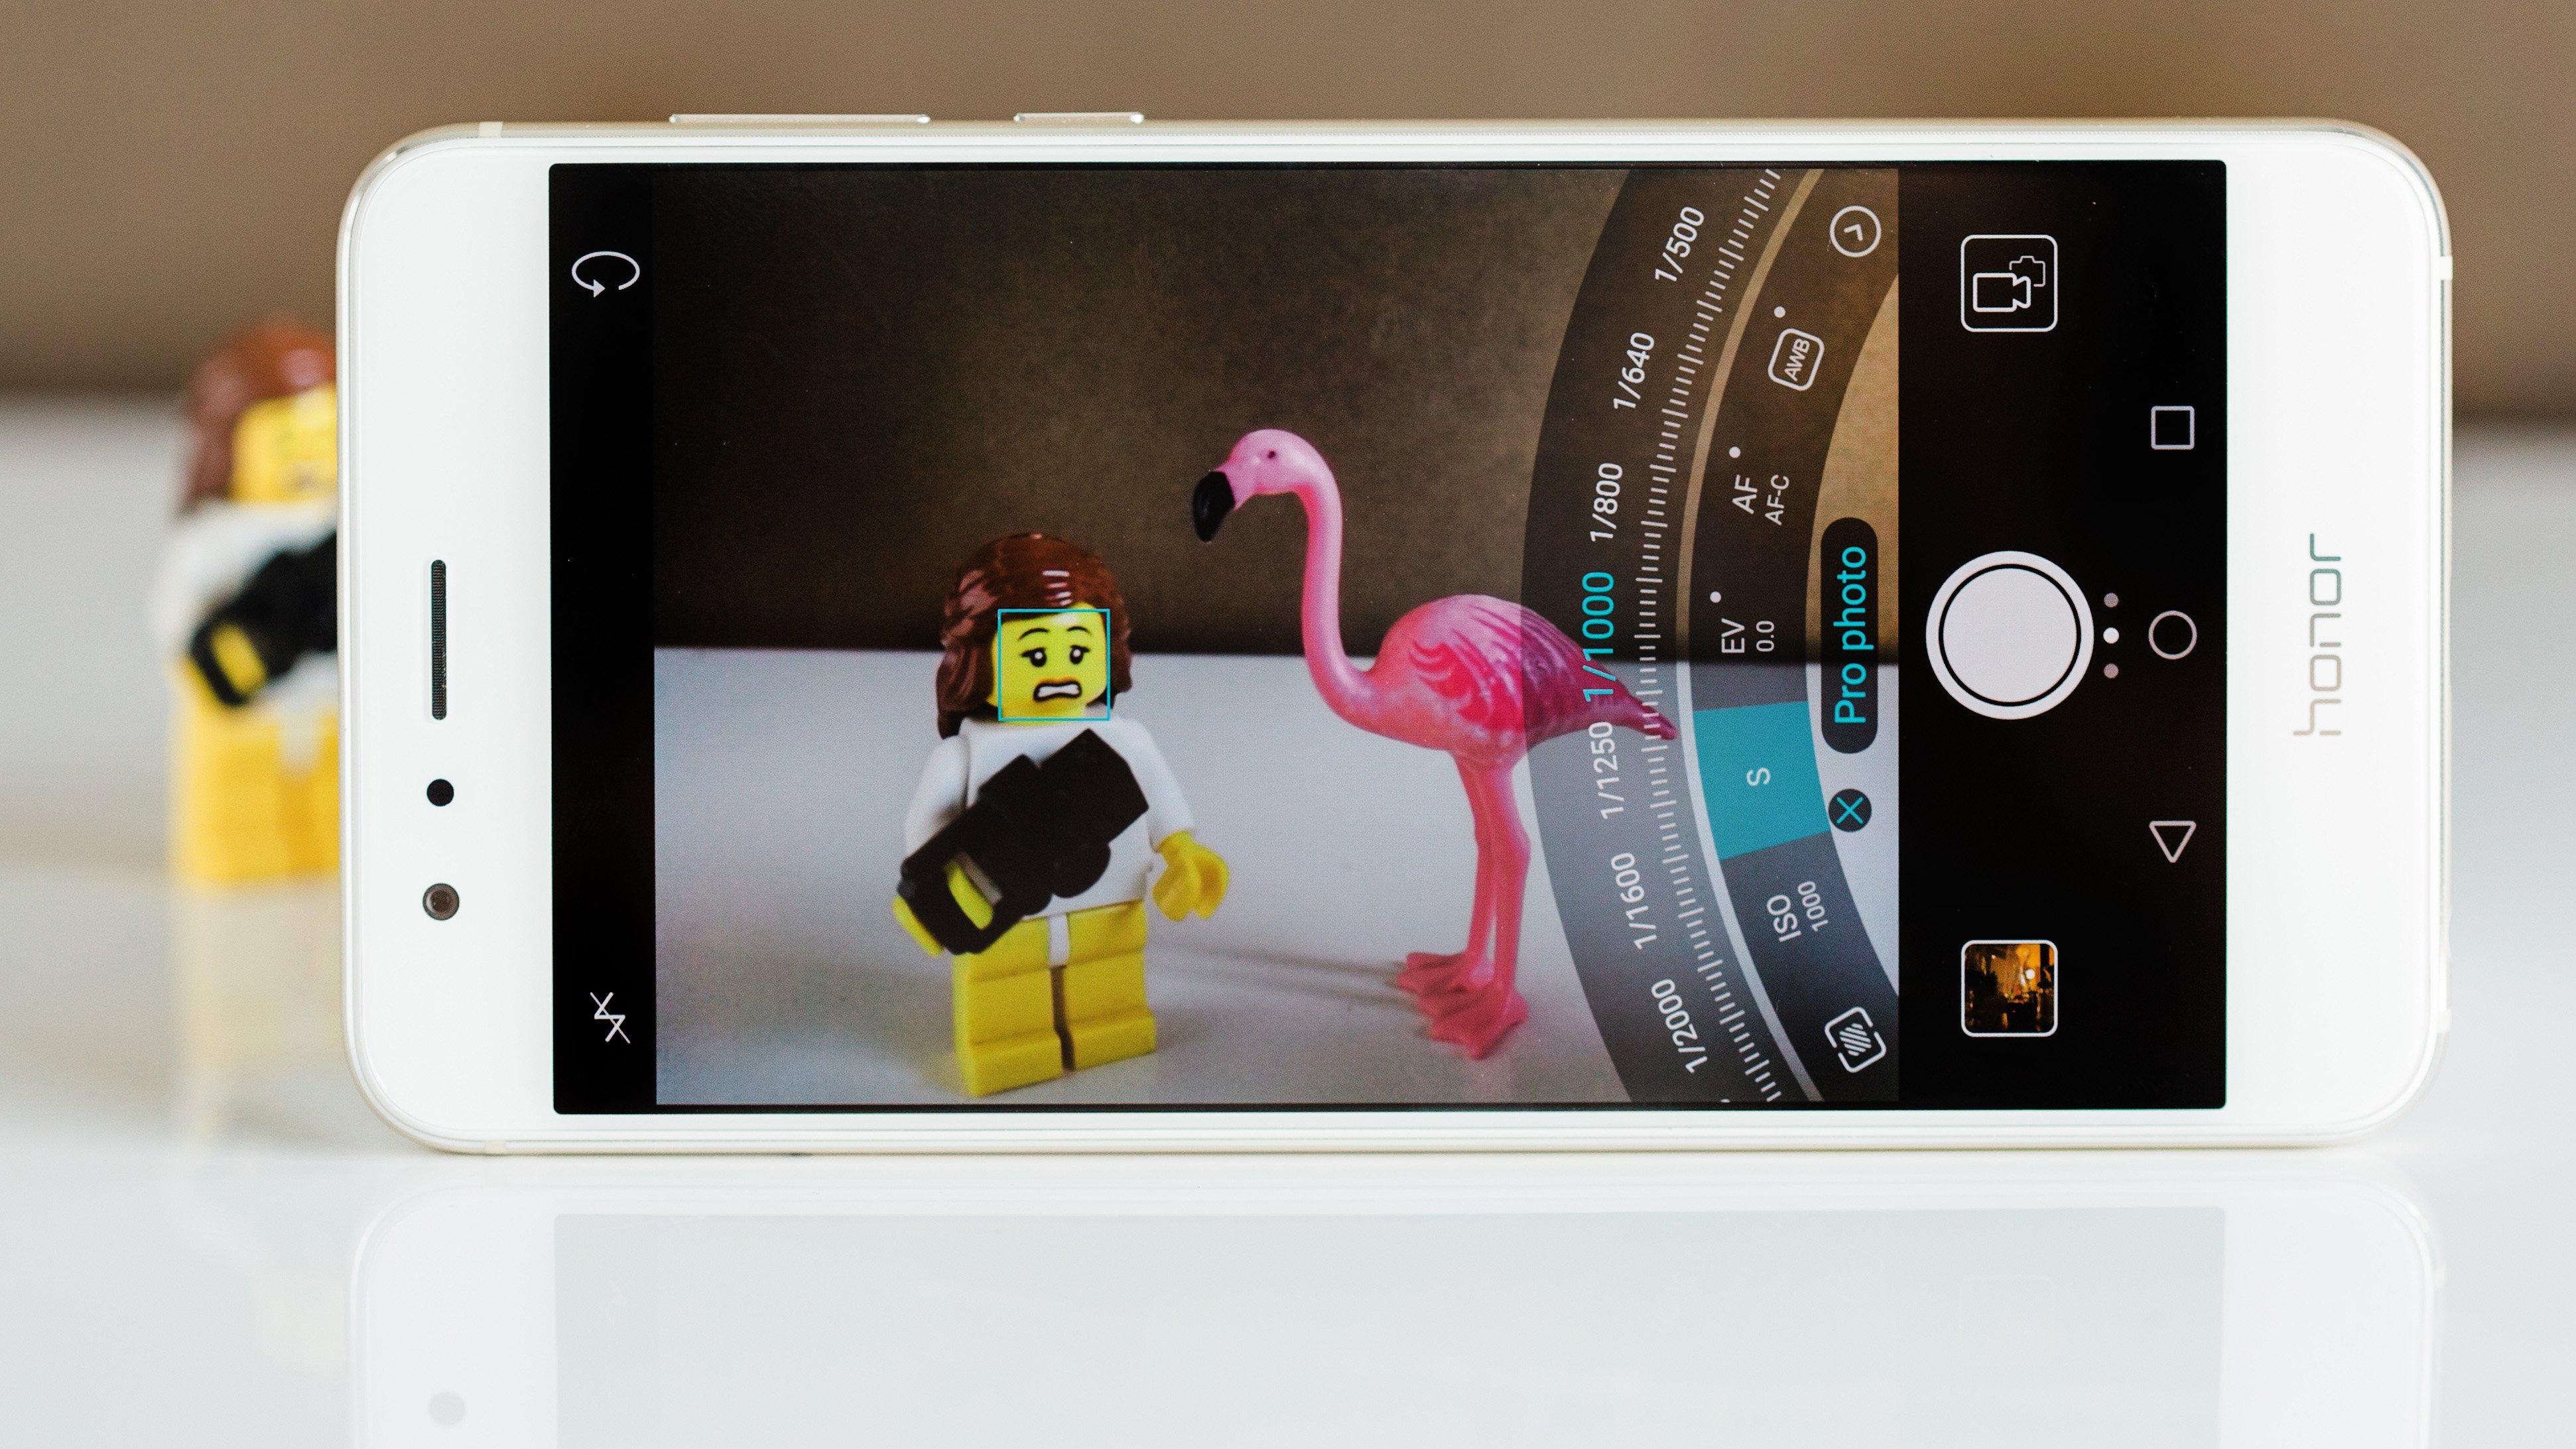 Sácale el máximo partido a la cámara del Honor 8 - AndroidPIT